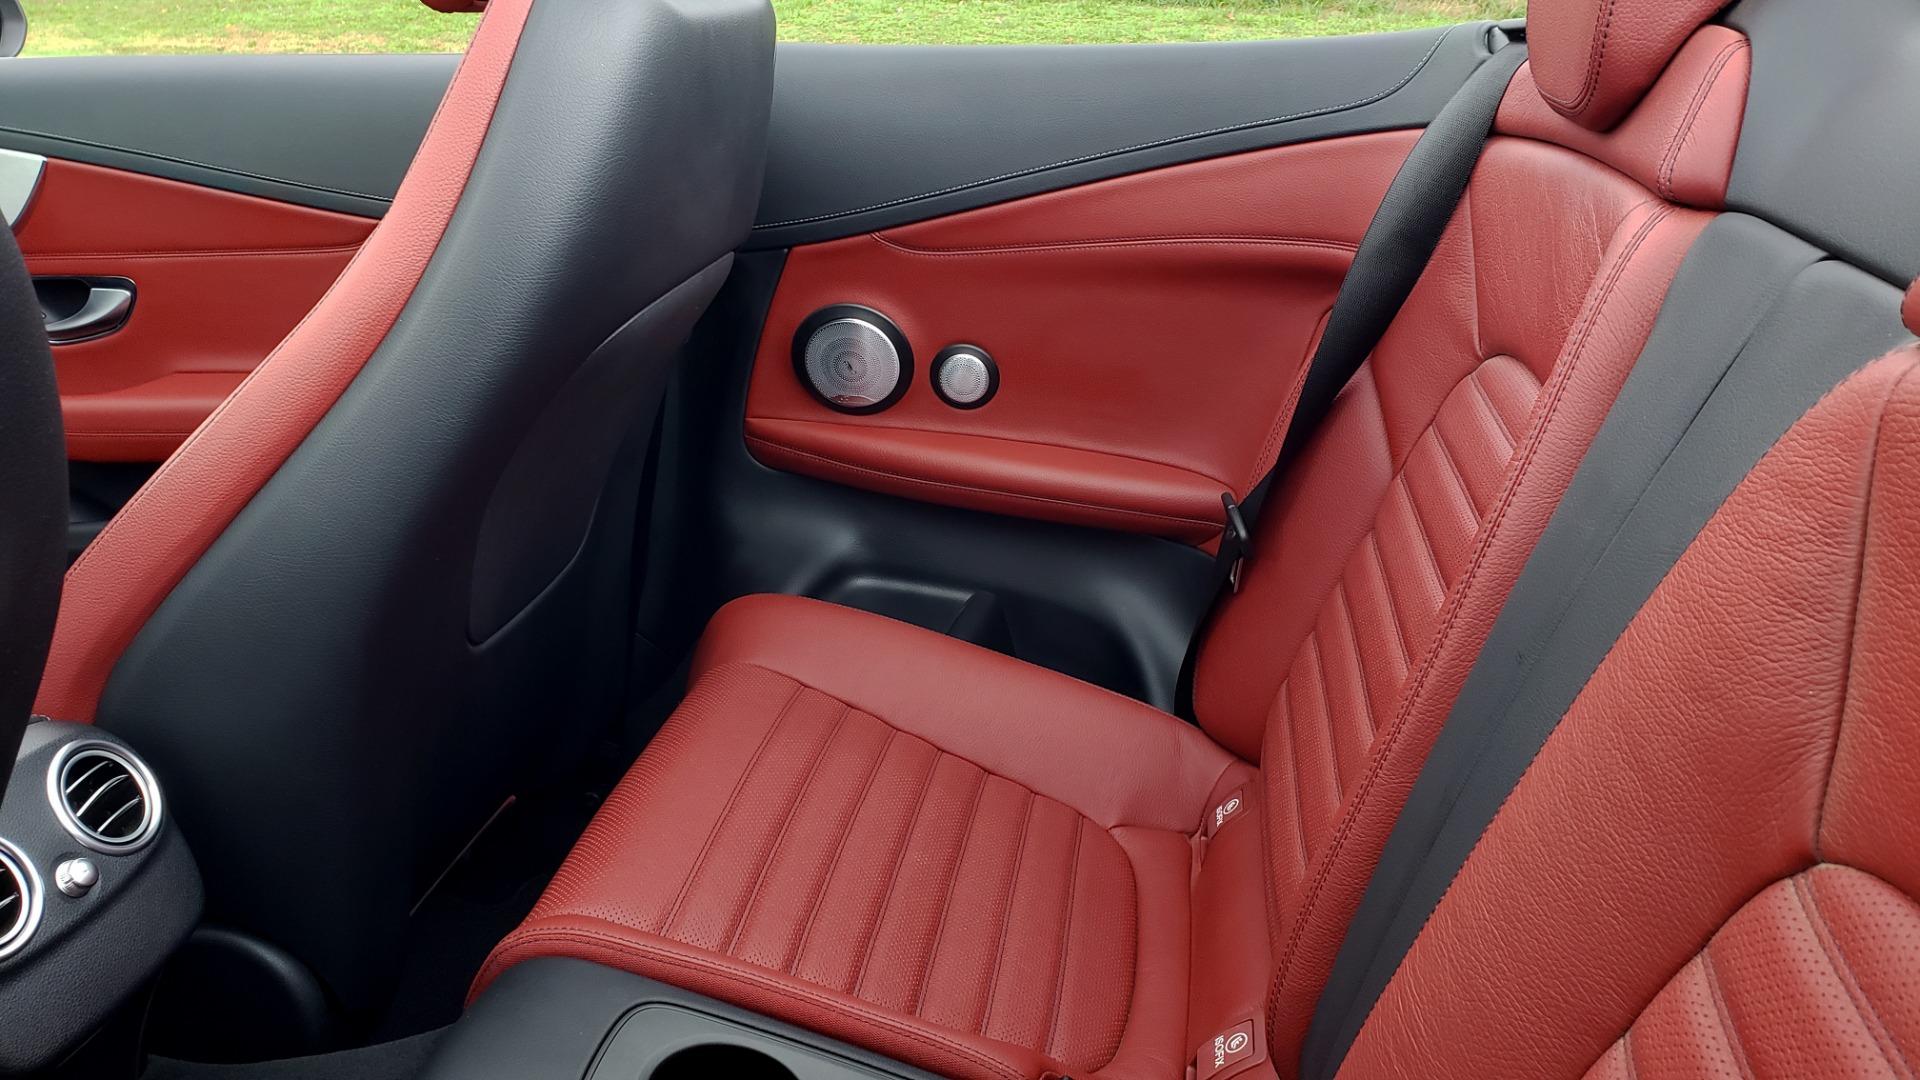 Used 2019 Mercedes-Benz C-CLASS C 300 CABRIOLET / PREM PKG / NAV / BURMESTER / MULTIMEDIA for sale Sold at Formula Imports in Charlotte NC 28227 71